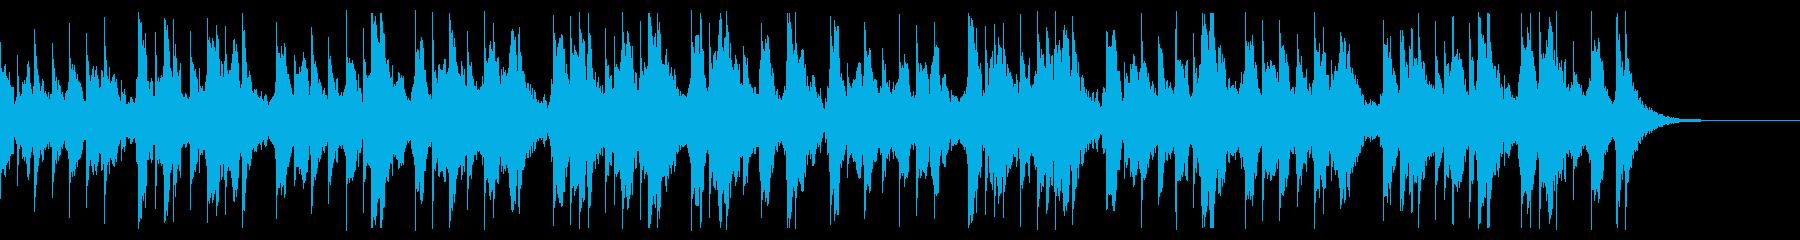 オルゴールアレンジの「かごめかごめ」の再生済みの波形